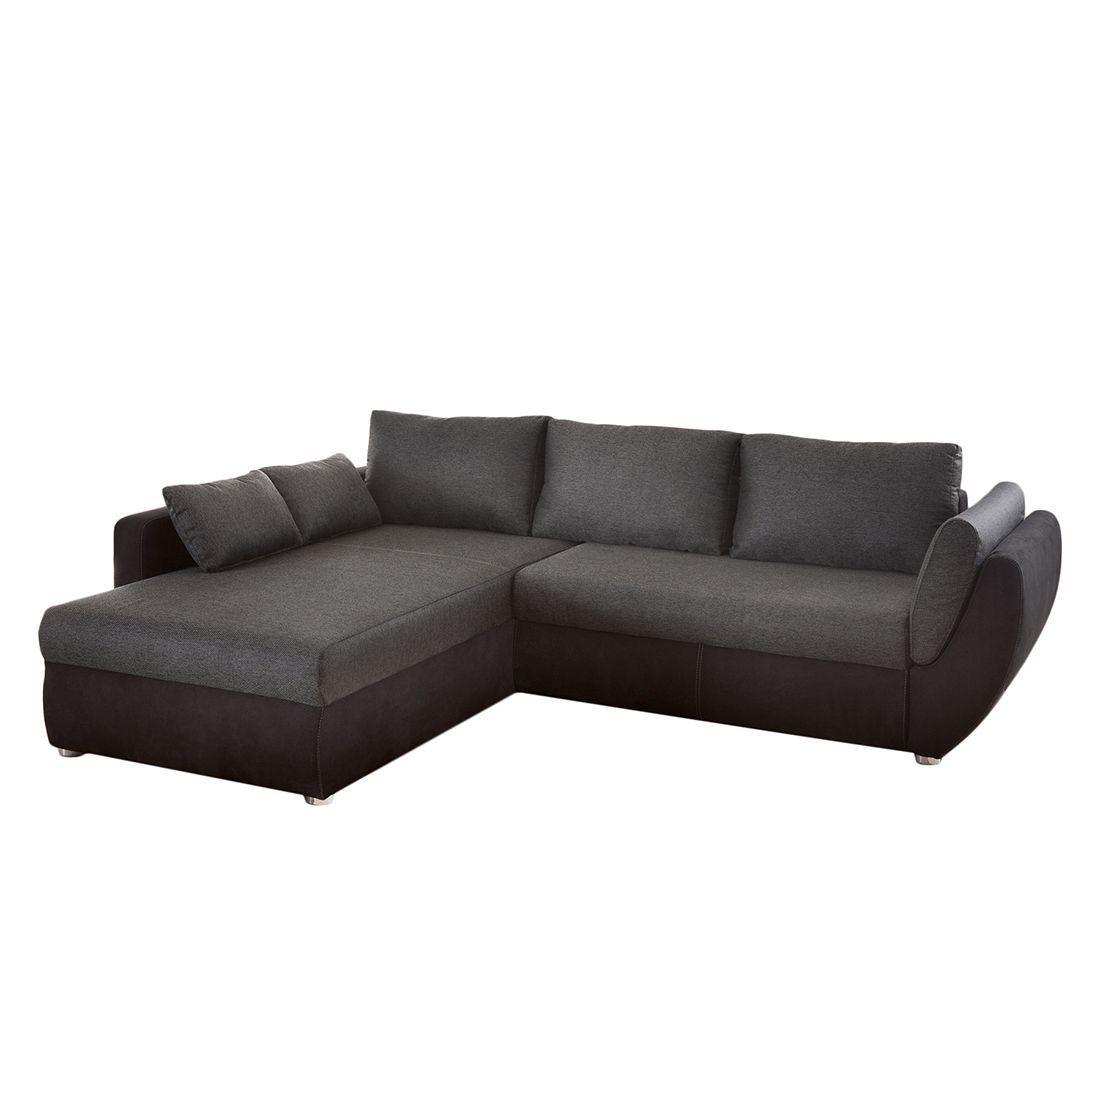 Federkern ecksofa chelsea home furniture almeda loveseat for Ecksofa porta